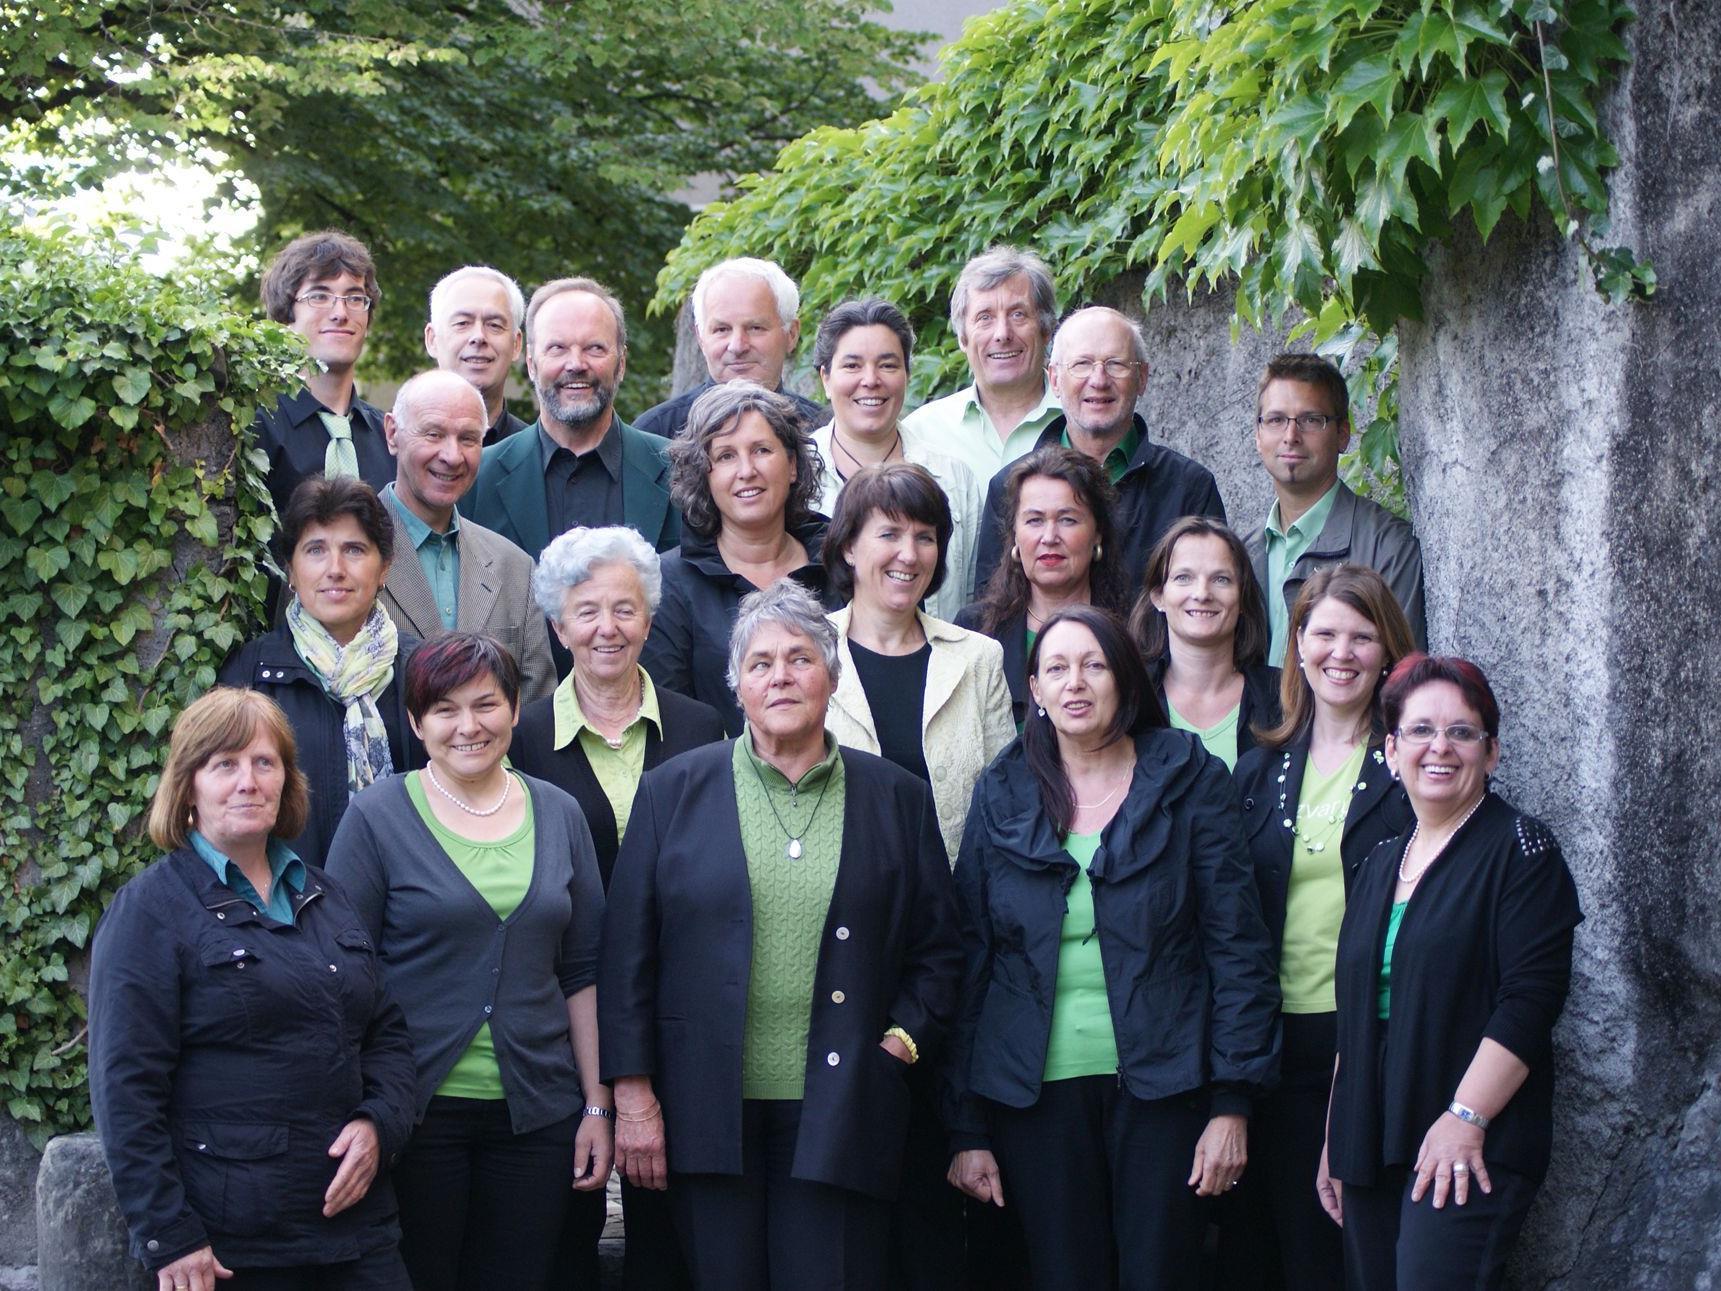 Die Chorgemeinschaft Cantemus sowie die Singgemeinschaft Viktorsberg laden zum gemeinsamen Konzert.